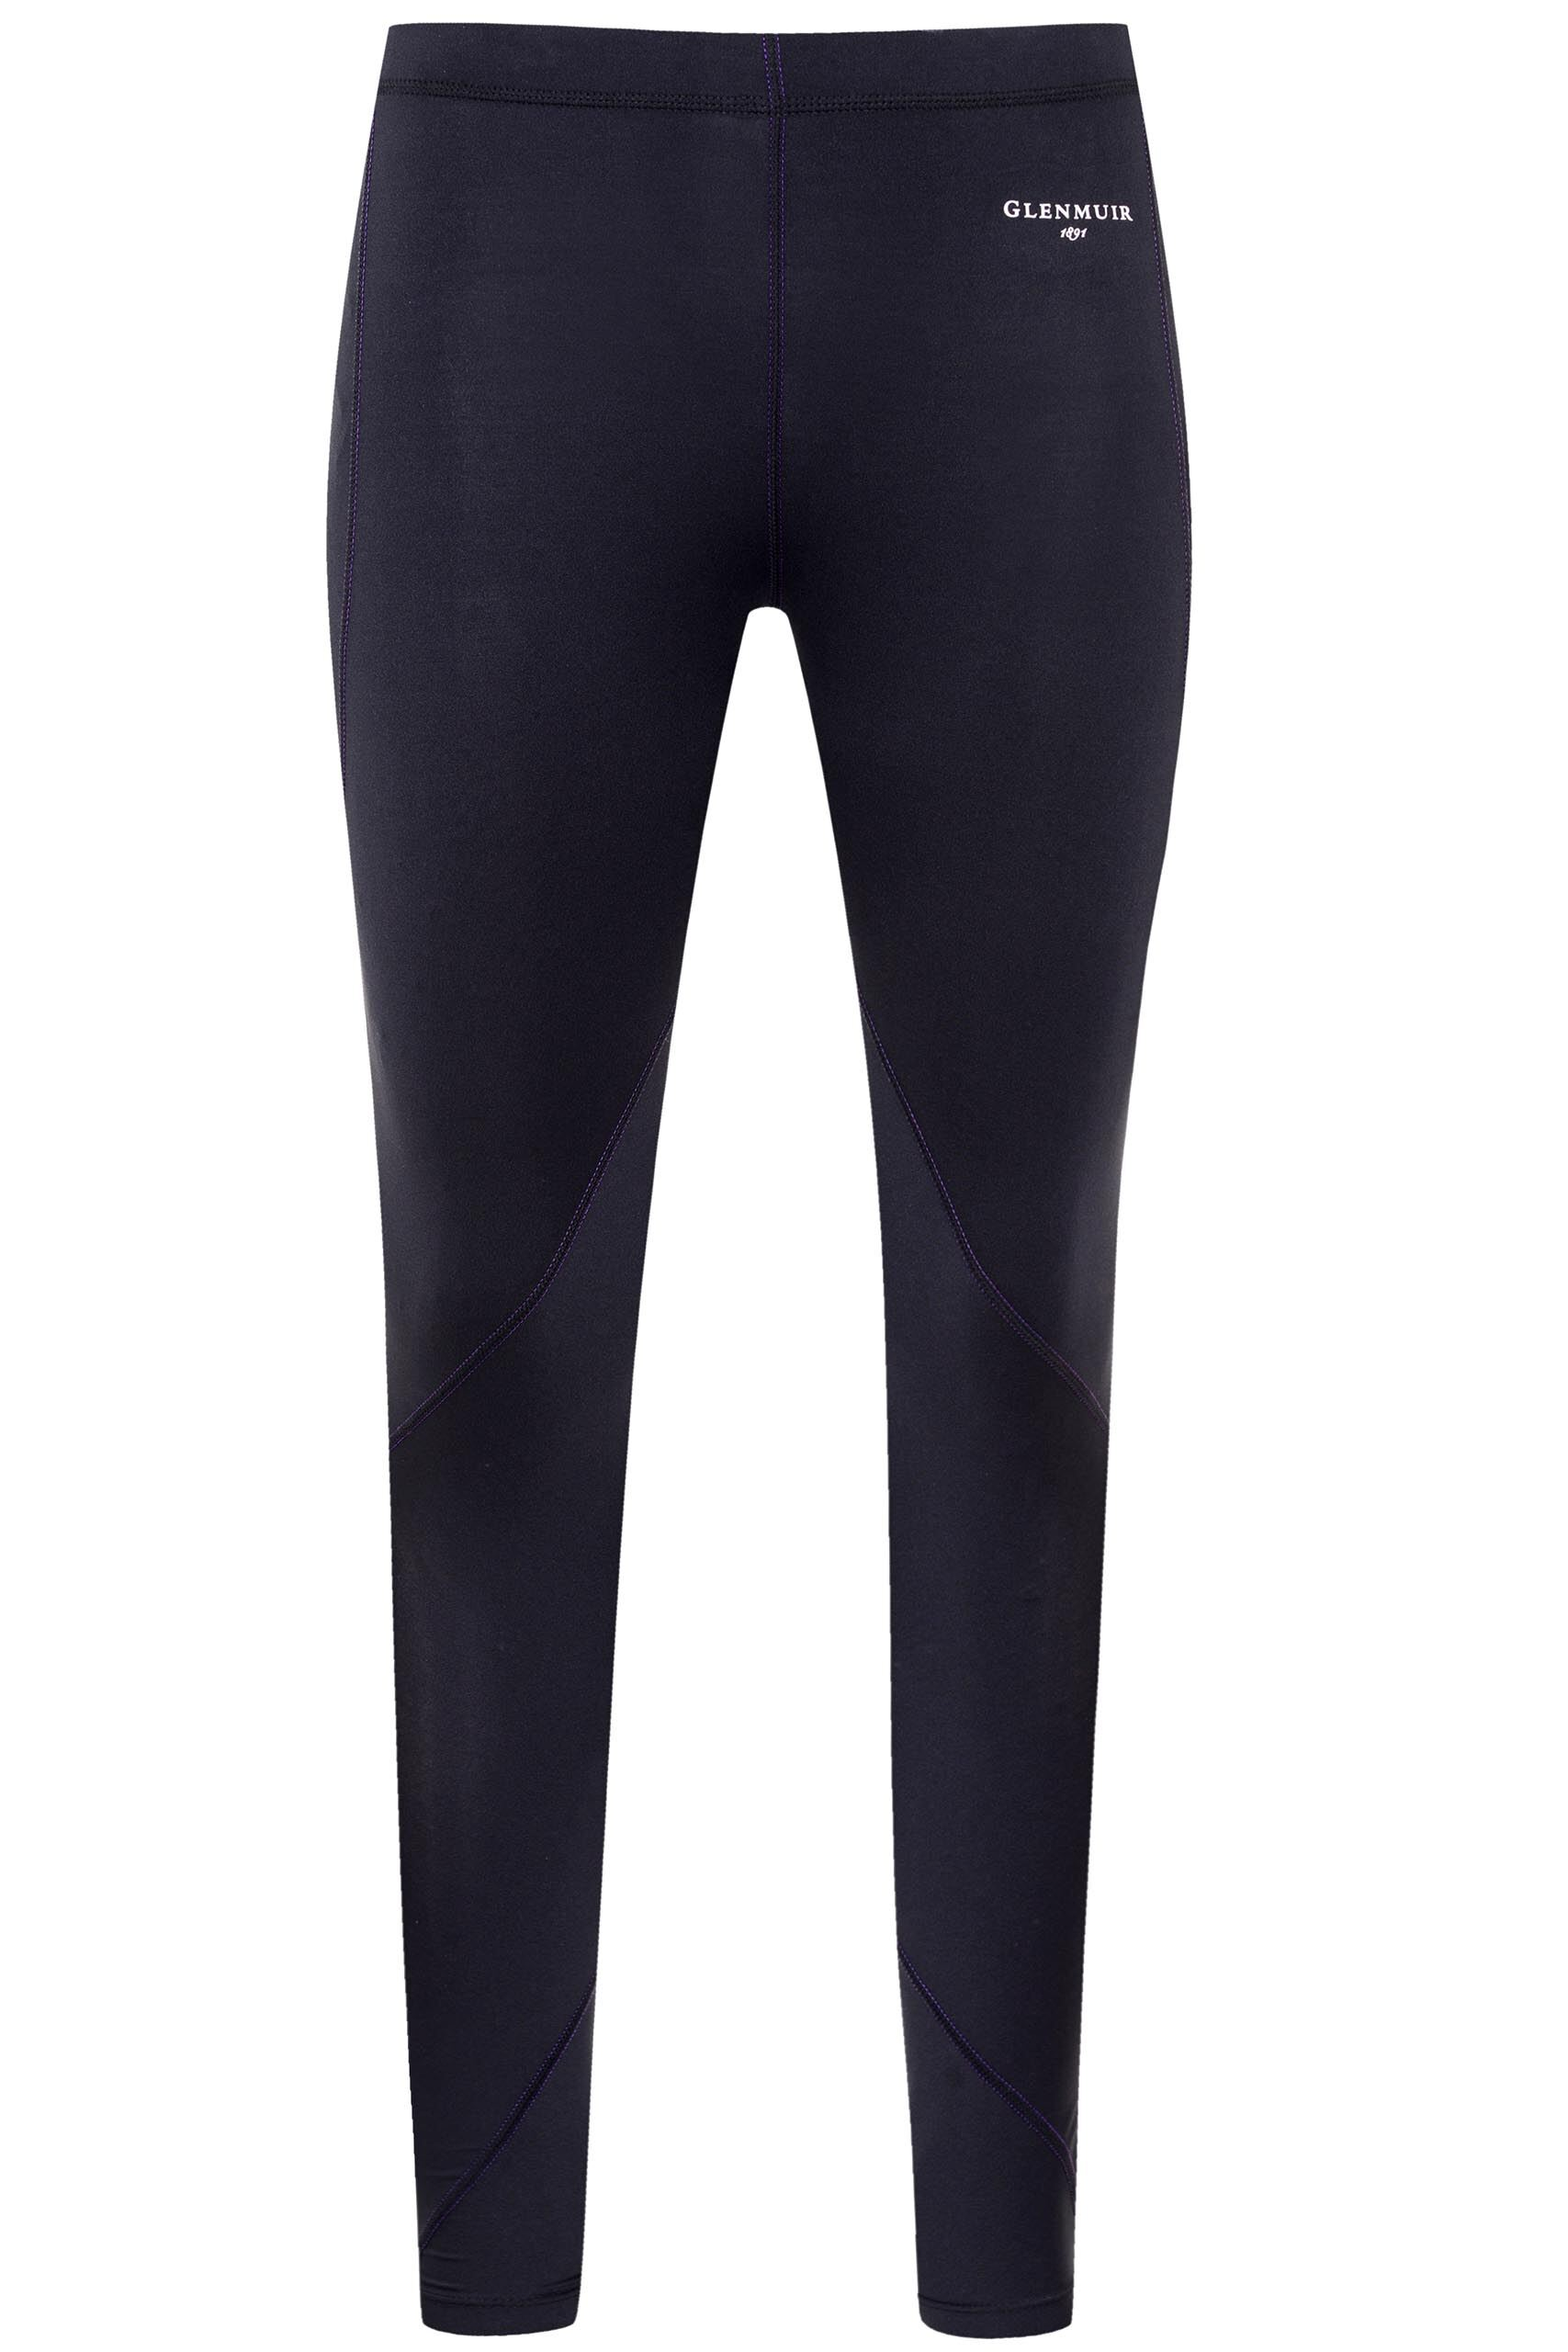 Image of 1 Pack Black Compression Base Layer Leggings Ladies 12-14 Ladies - Glenmuir